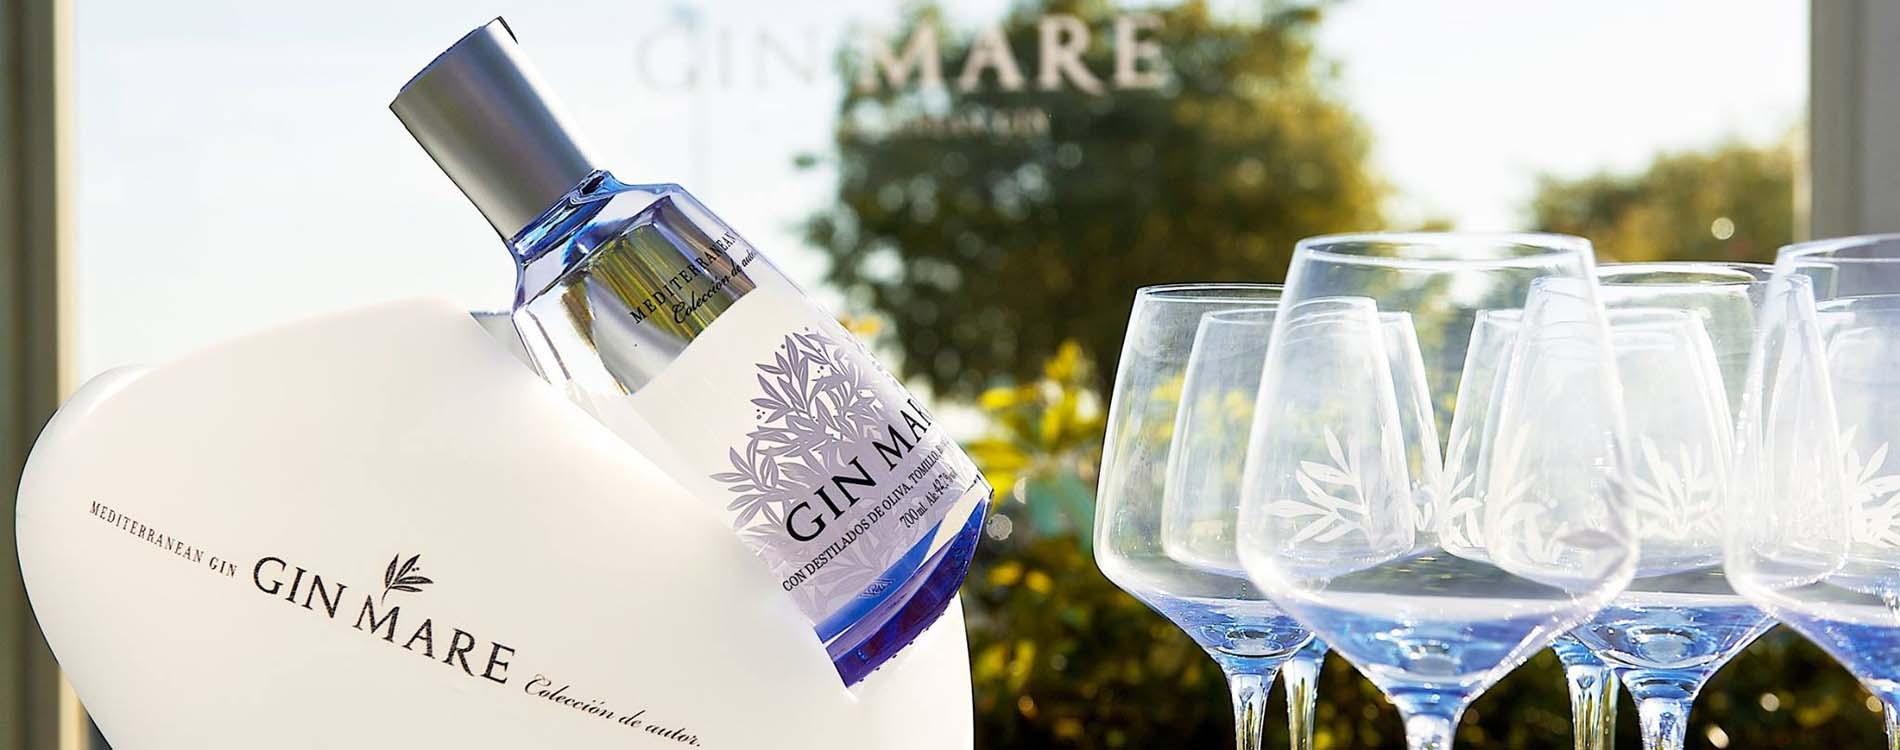 Gin Mare presenta su nueva coctelería 2015 de forma única